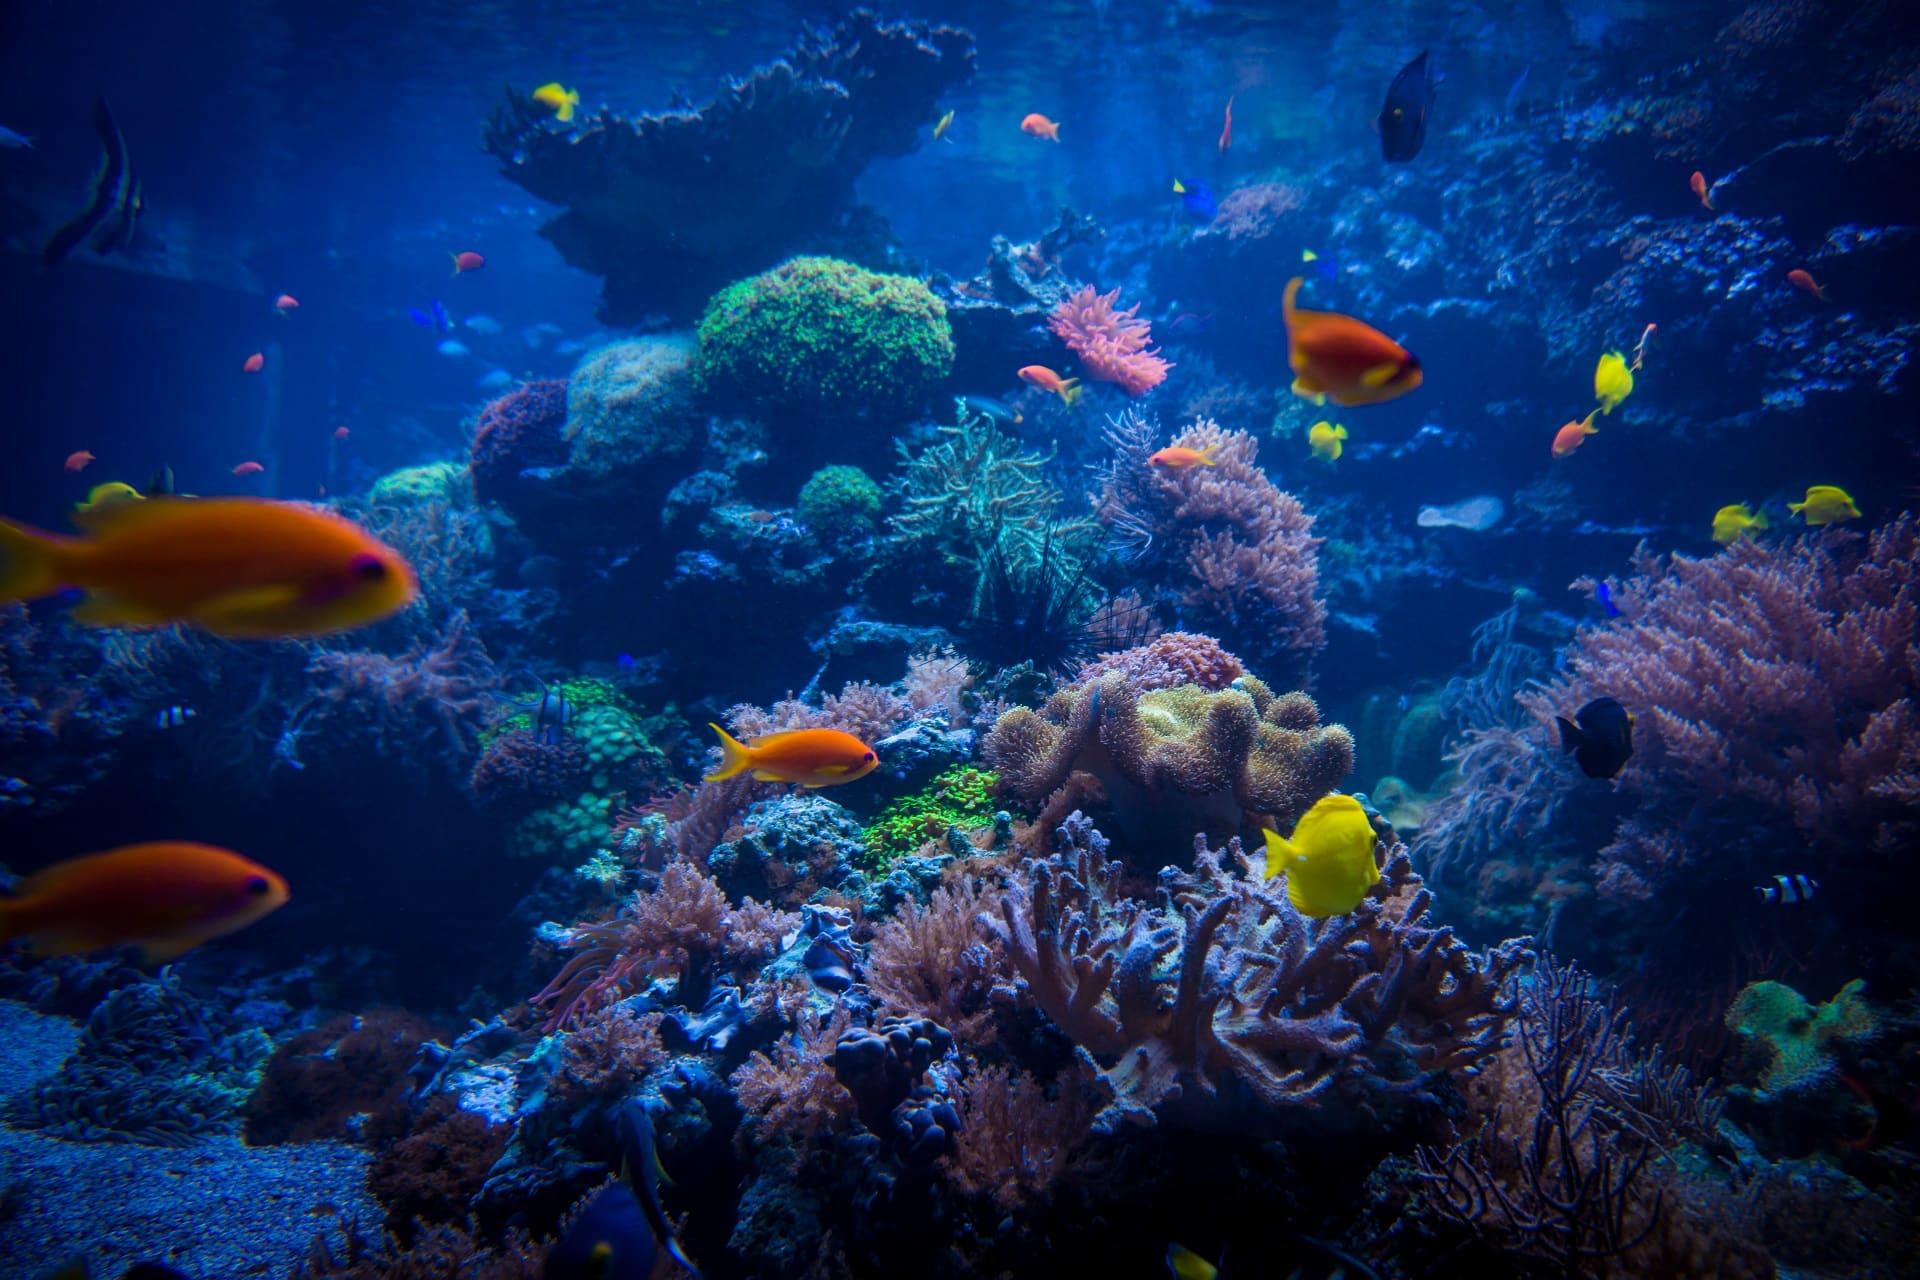 aquarium dream meaning, dream about aquarium, aquarium dream interpretation, seeing in a dream aquarium